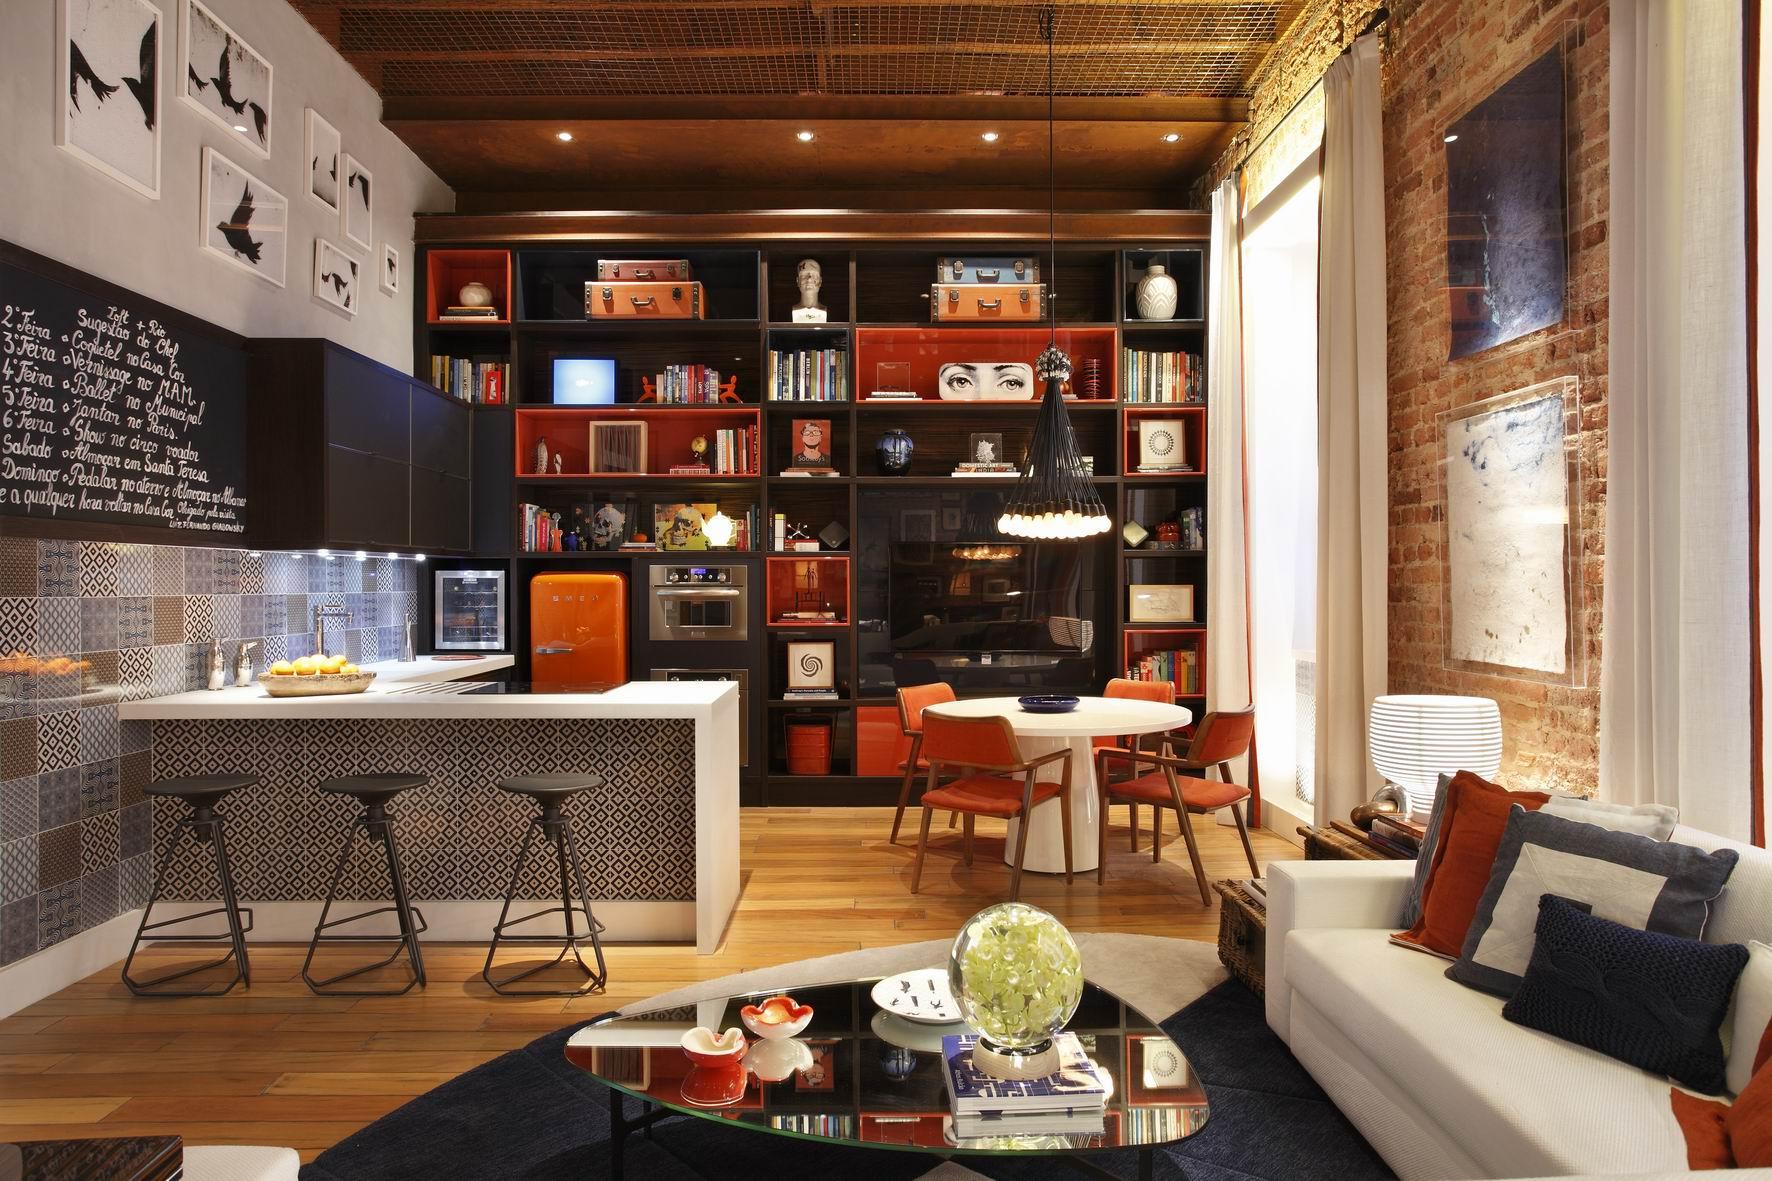 loft-rio-by-iving-by-luiz-fernando-grabowsky-o Basement Edition Hotel